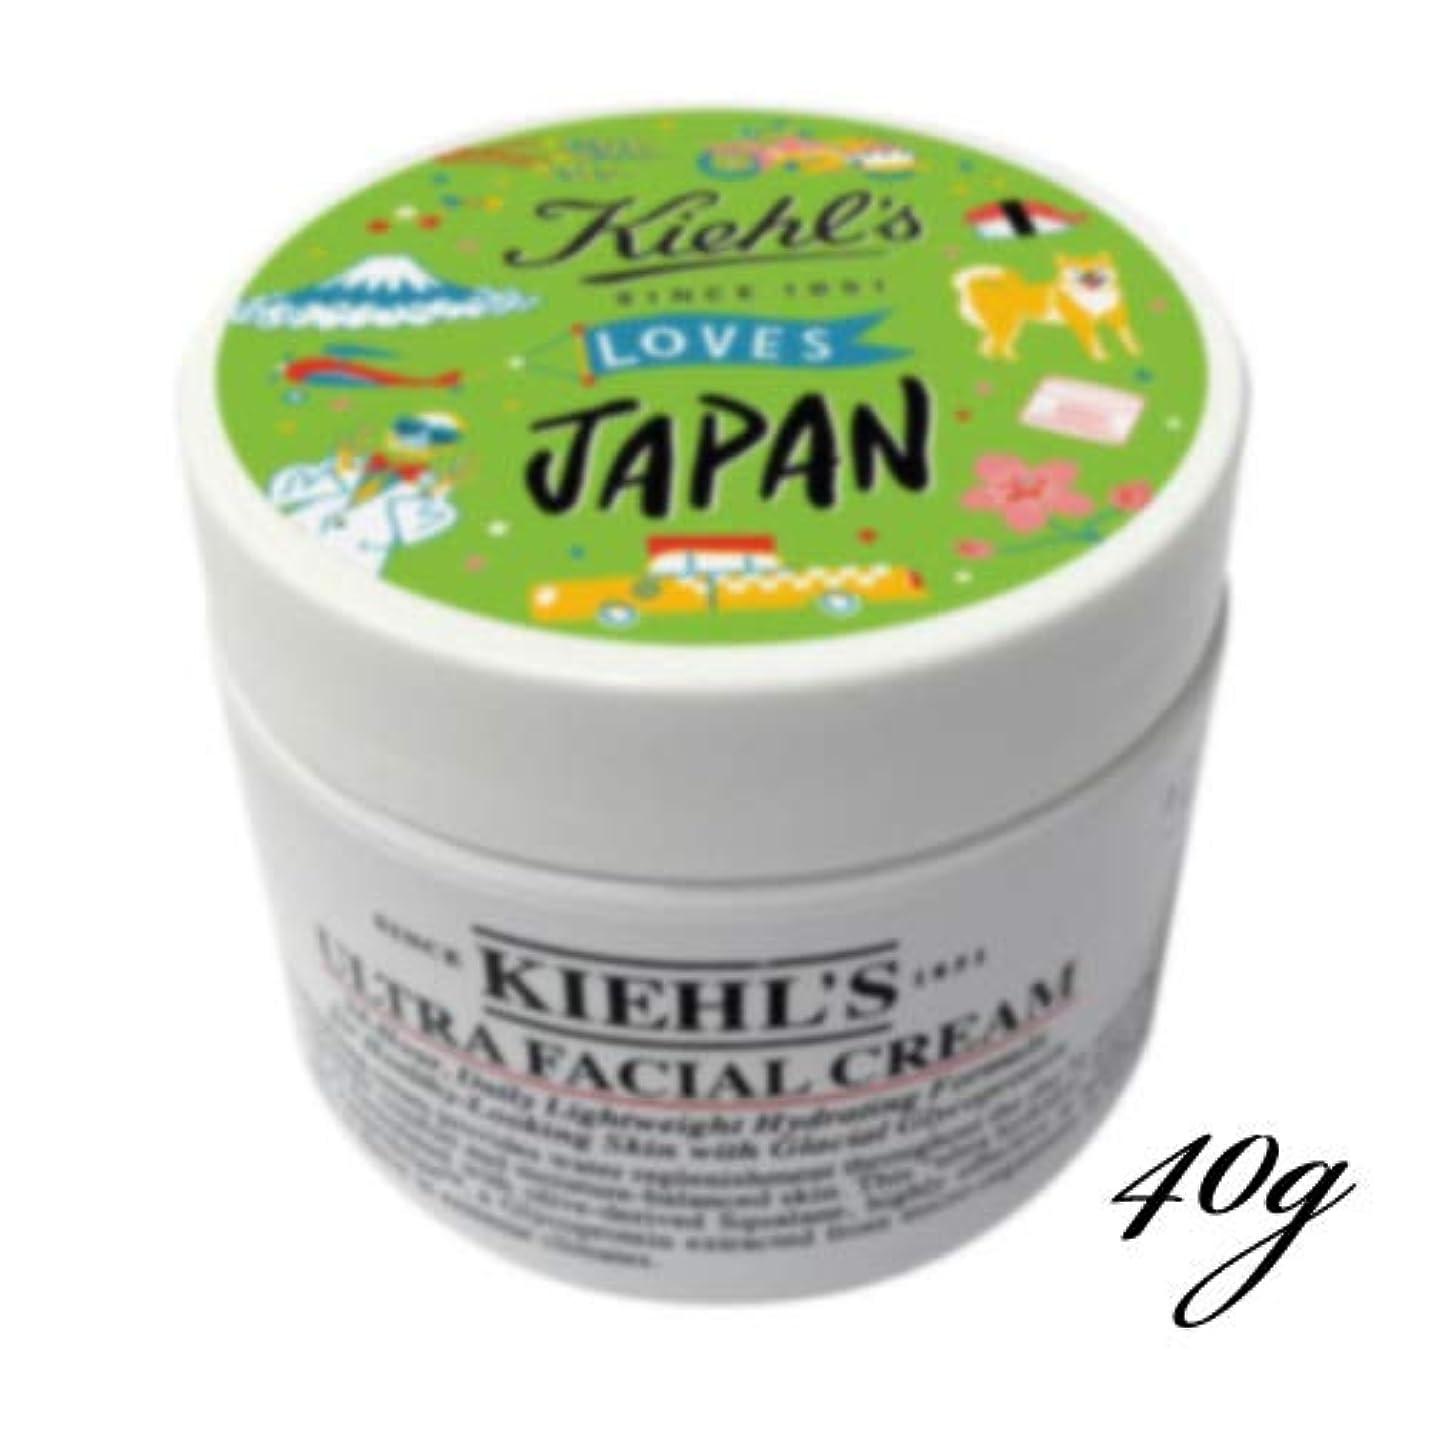 利得振幅鳩Kiehl's(キールズ) キールズ クリーム UFC (Kiehl's loves JAPAN限定 エディション) 49g